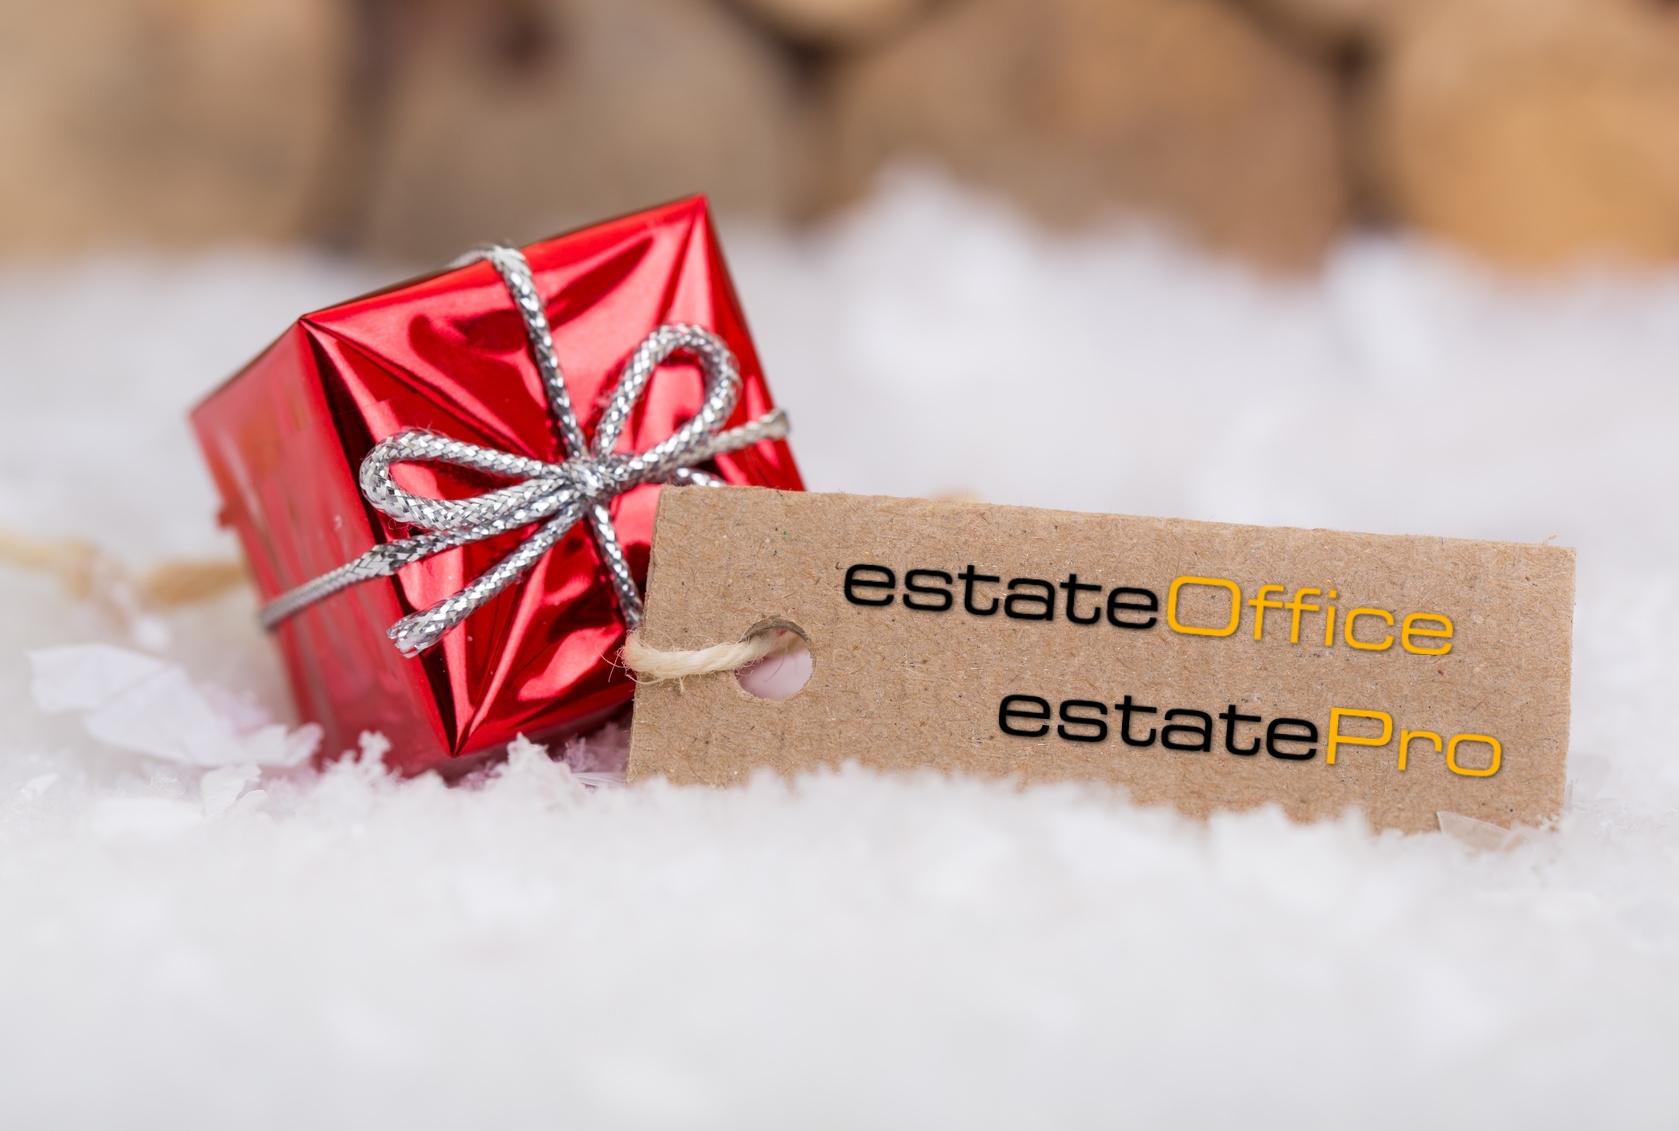 Standard Weihnachtsgrüße.Weihnachtspost Für Ihre Kunden Schnell Und Einfach Mit